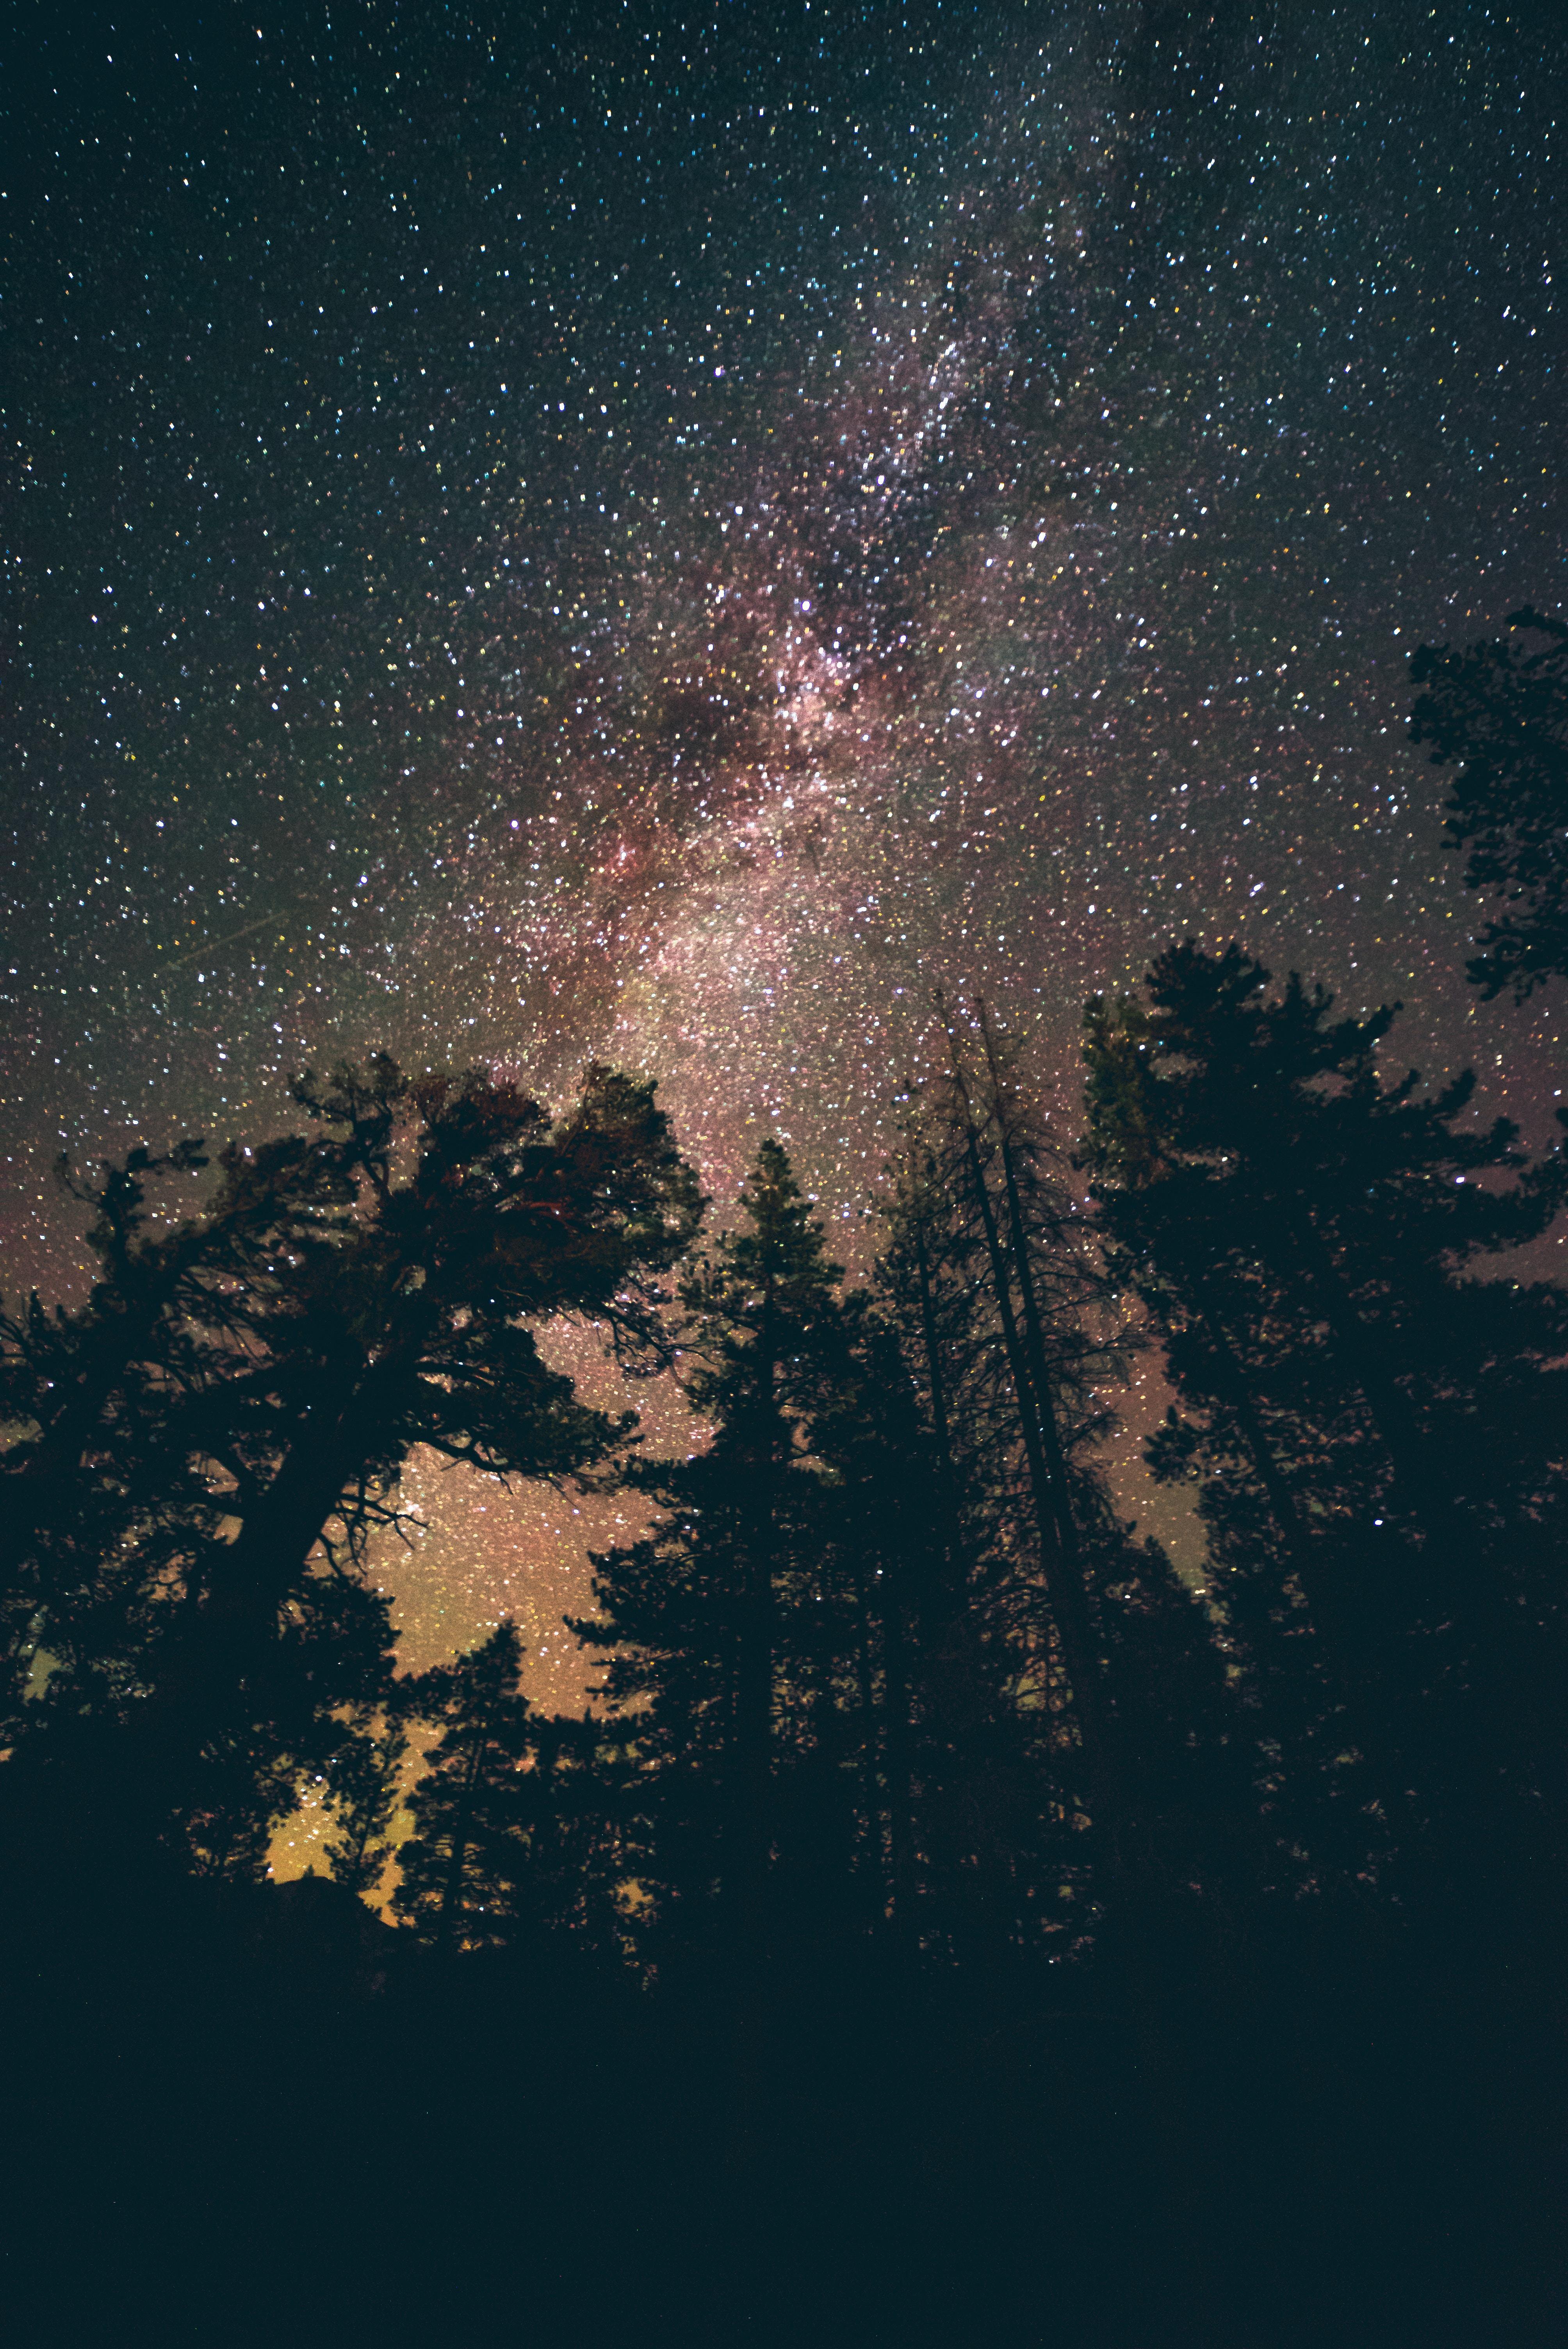 cosmic view